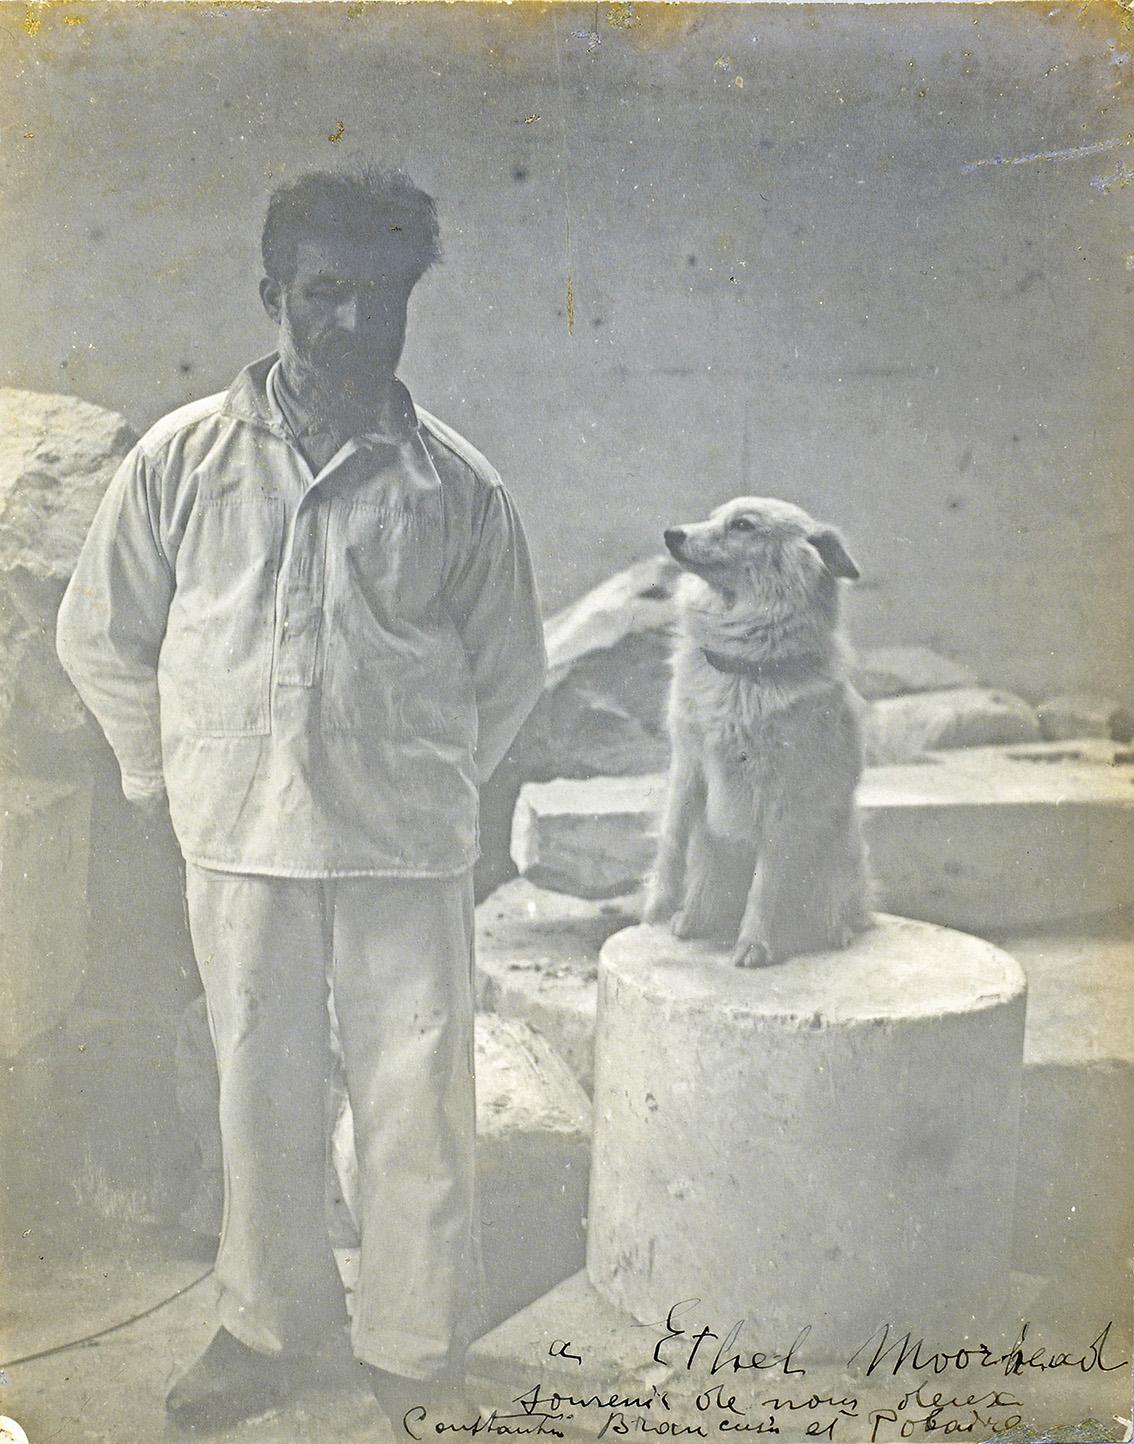 Constantin Brancusi (1876-1957), Autoportrait dans son atelier avec son chien Polaire, vers 1921-1925, épreuve argentique d'époque signée